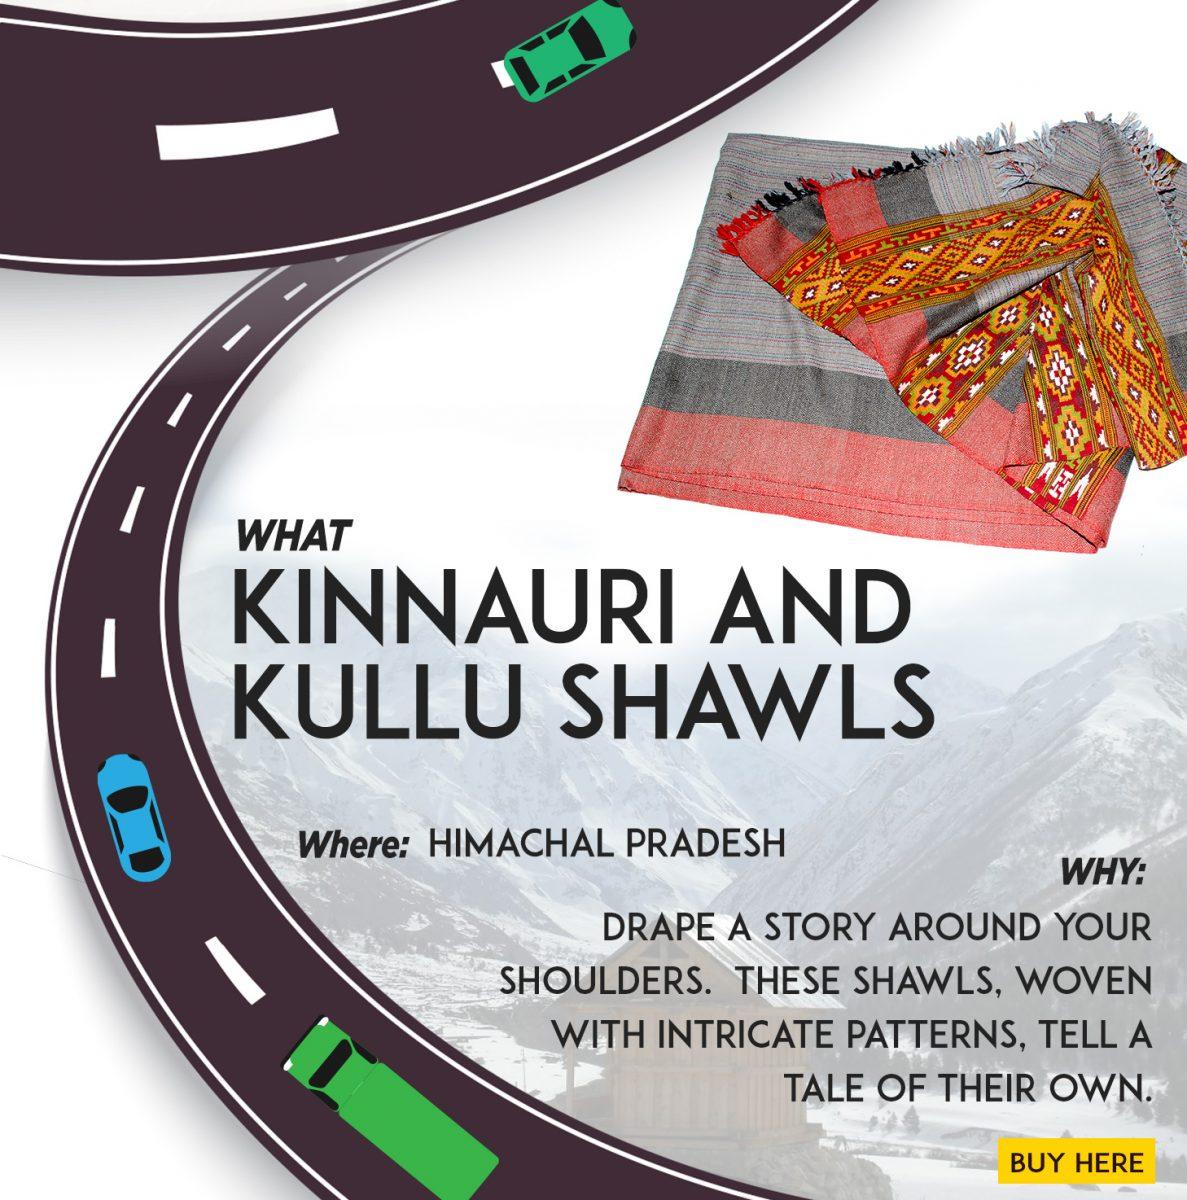 kinnauri and kullu shawls